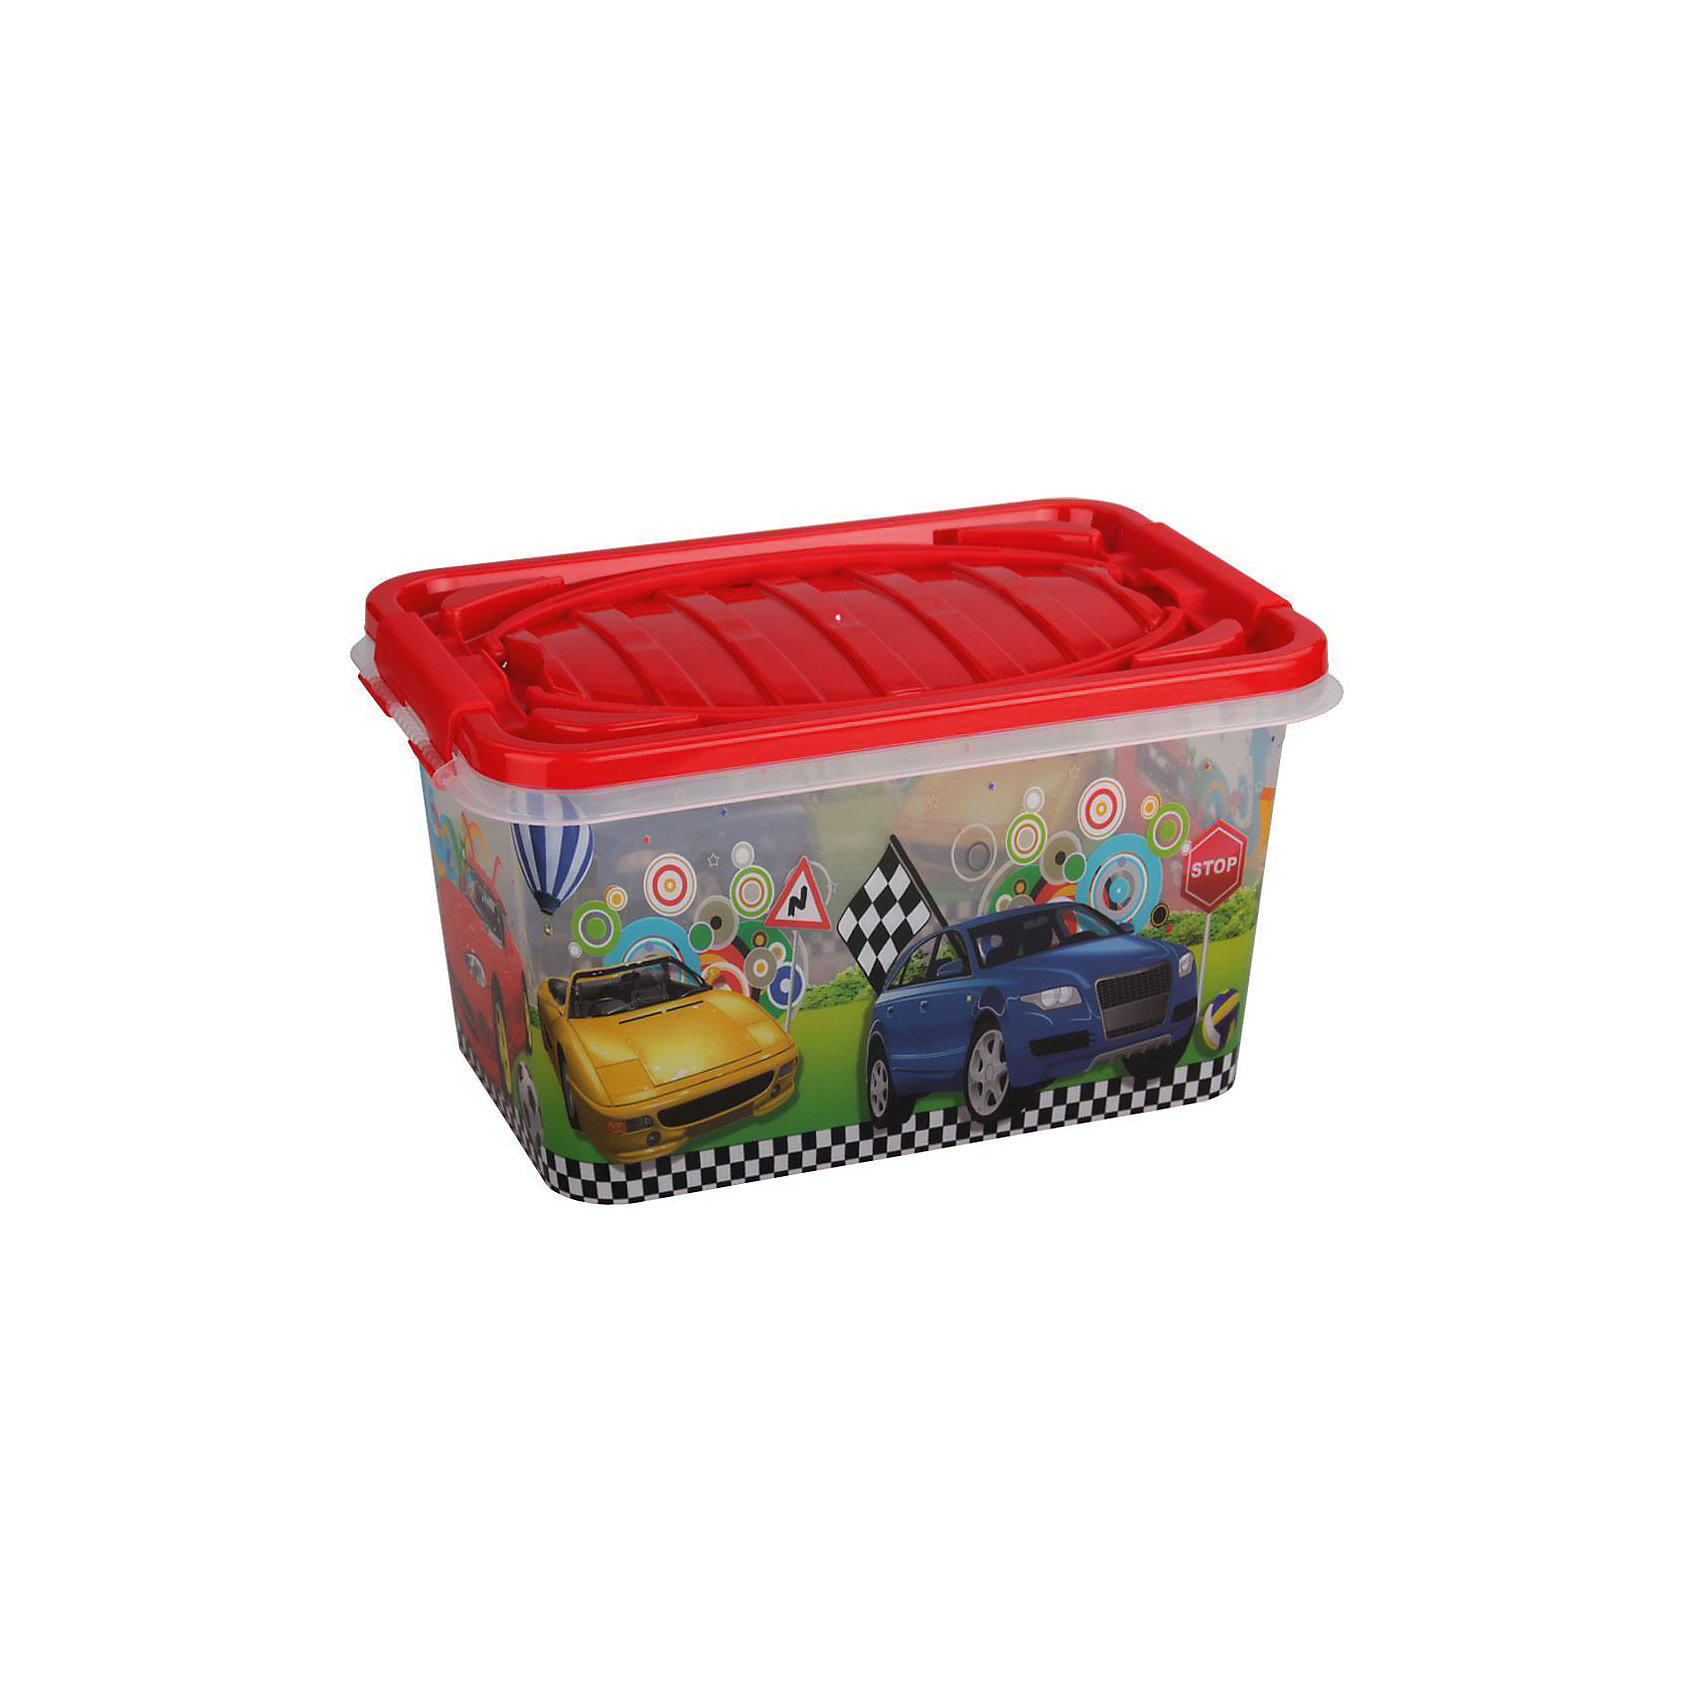 Контейнер Форсаж прямоугольный 15л. ,  AlternativaПорядок в детской<br>Форсаж - удобный и вместительный контейнер для мальчиков. Он выполнен из пластика, надежно закрывается крышкой и украшен рисунком с яркими машинками. Отлично подойдет для хранения самых ценных вещей малыша.<br><br>Дополнительная информация:<br>Материал: пластик<br>Объем: 15 л<br>Размер:39х26,5х21 см<br><br>Контейнер Форсаж вы можете приобрести в нашем интернет-магазине.<br><br>Ширина мм: 390<br>Глубина мм: 265<br>Высота мм: 210<br>Вес г: 686<br>Возраст от месяцев: 36<br>Возраст до месяцев: 144<br>Пол: Унисекс<br>Возраст: Детский<br>SKU: 4979724